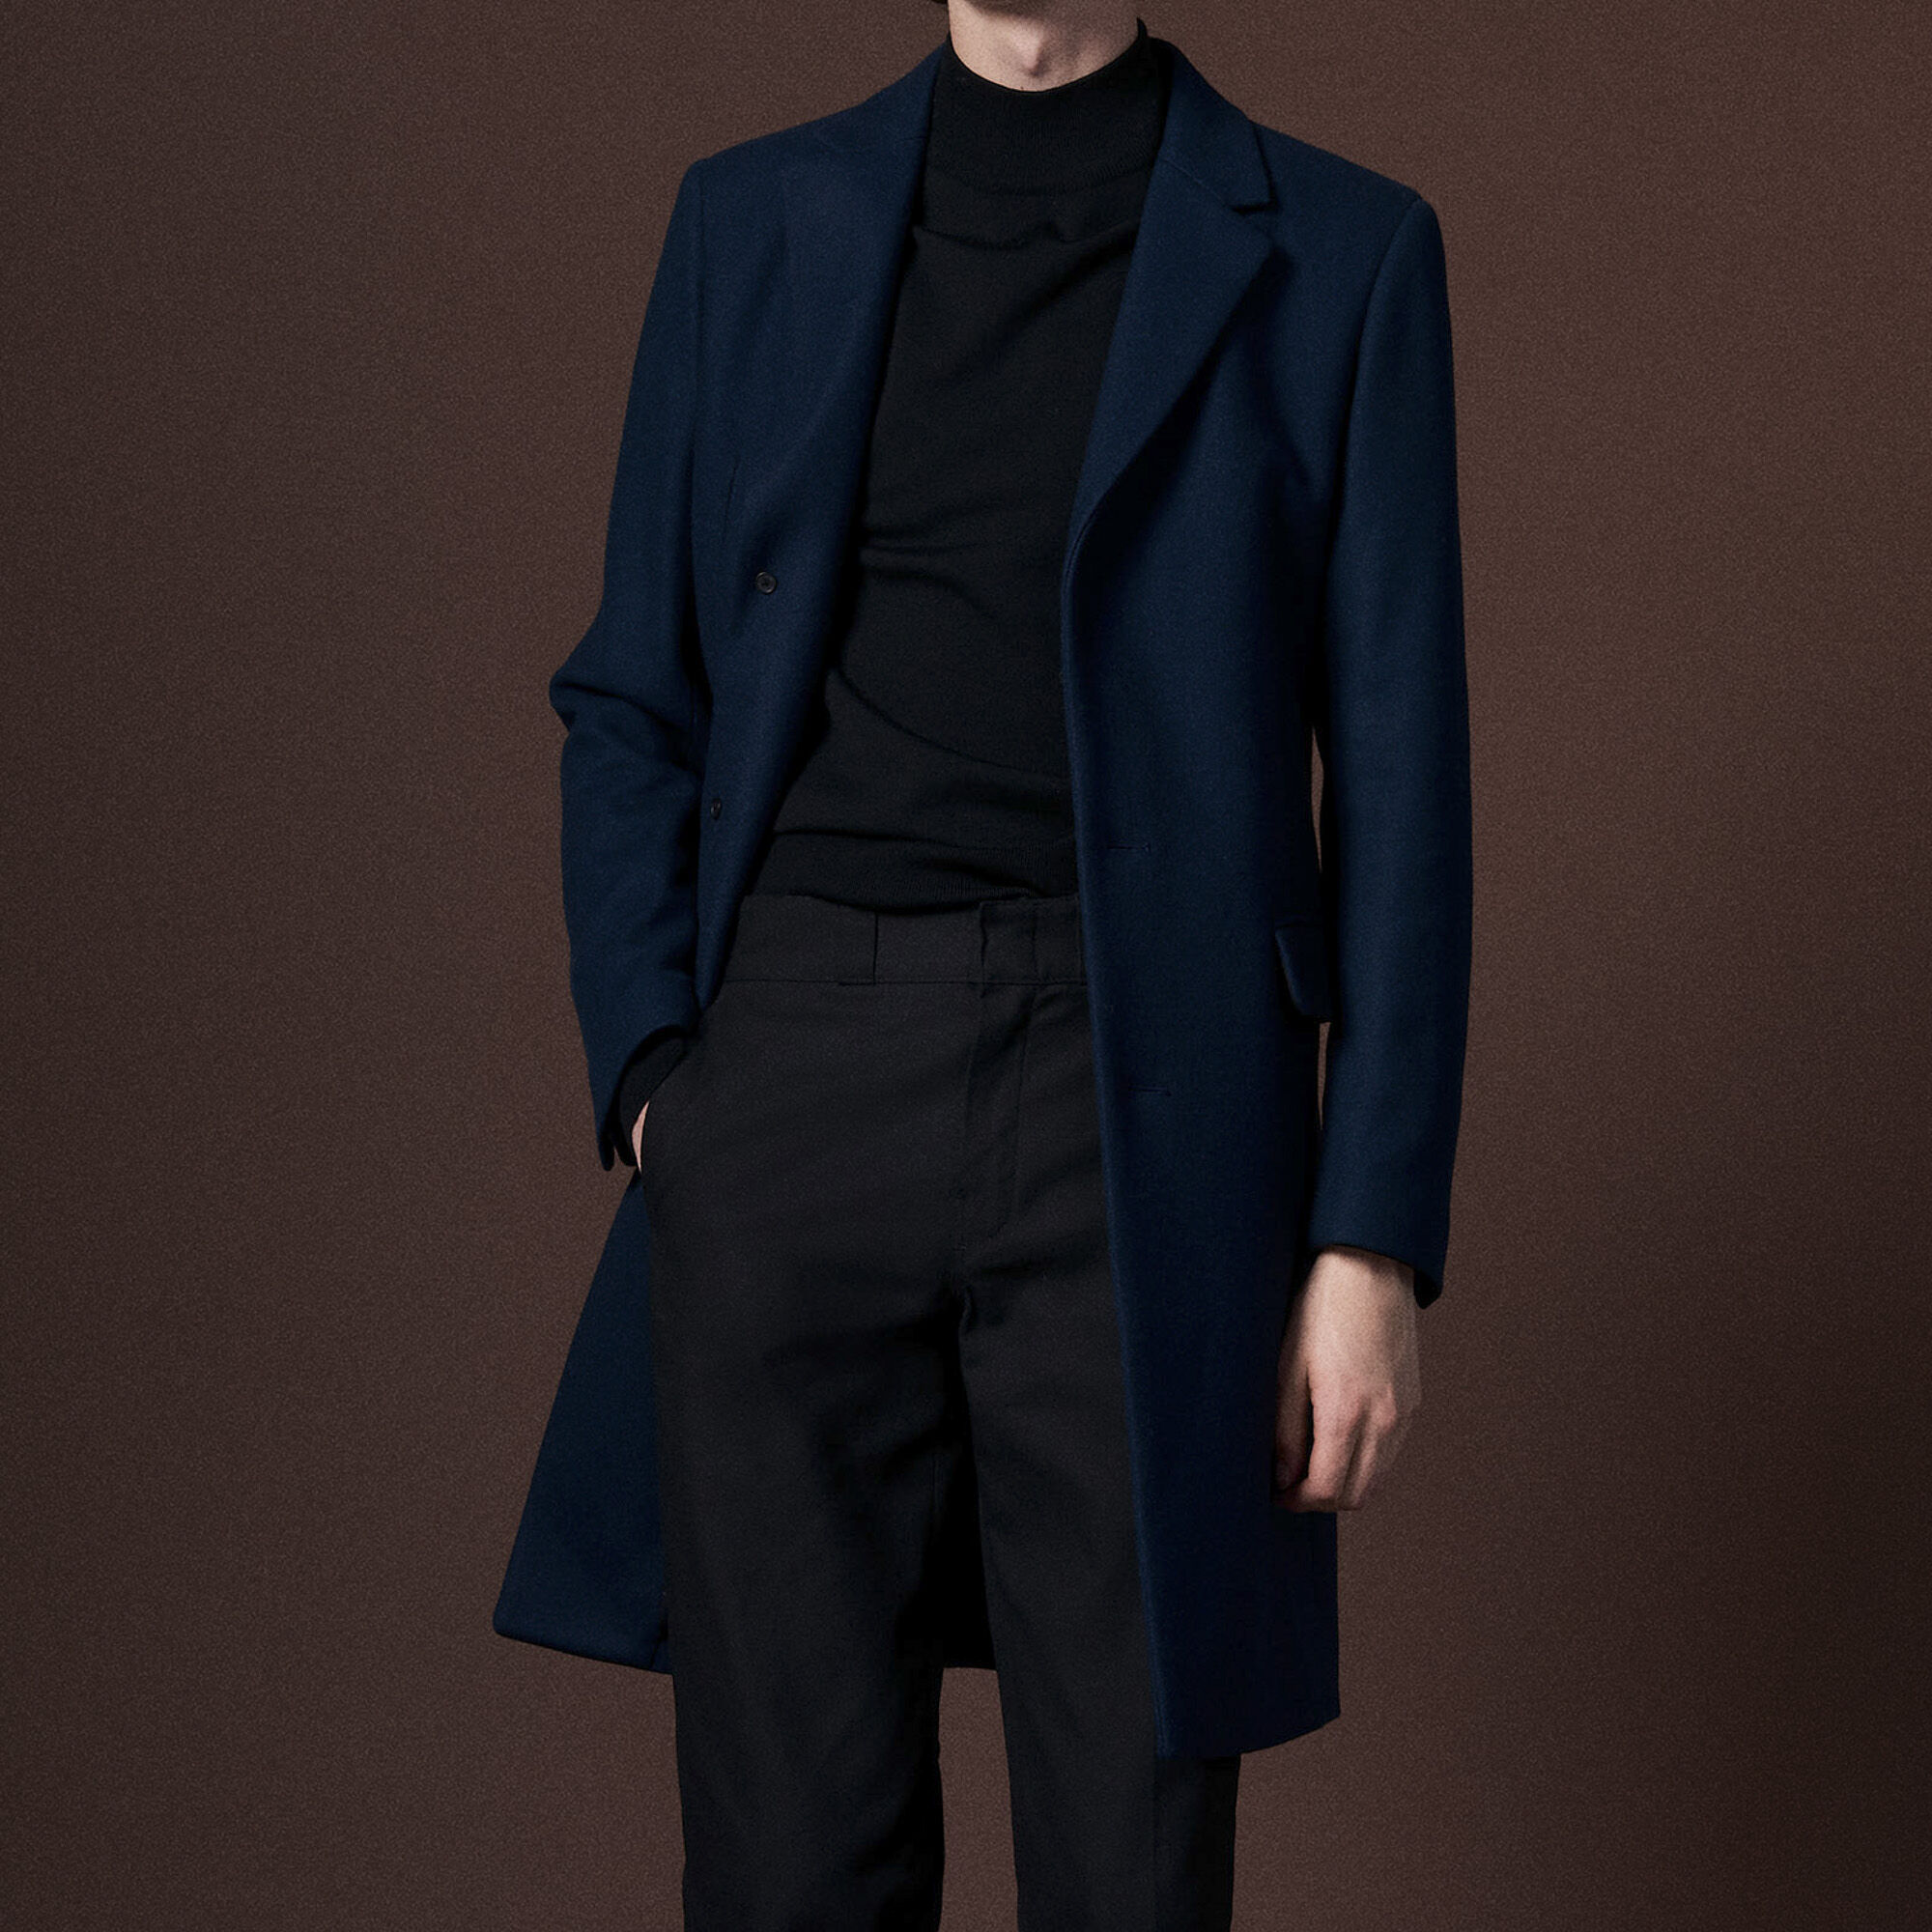 Paris De Homme Collection Soldes À Pour Sandro La Découvrir xU4WATY